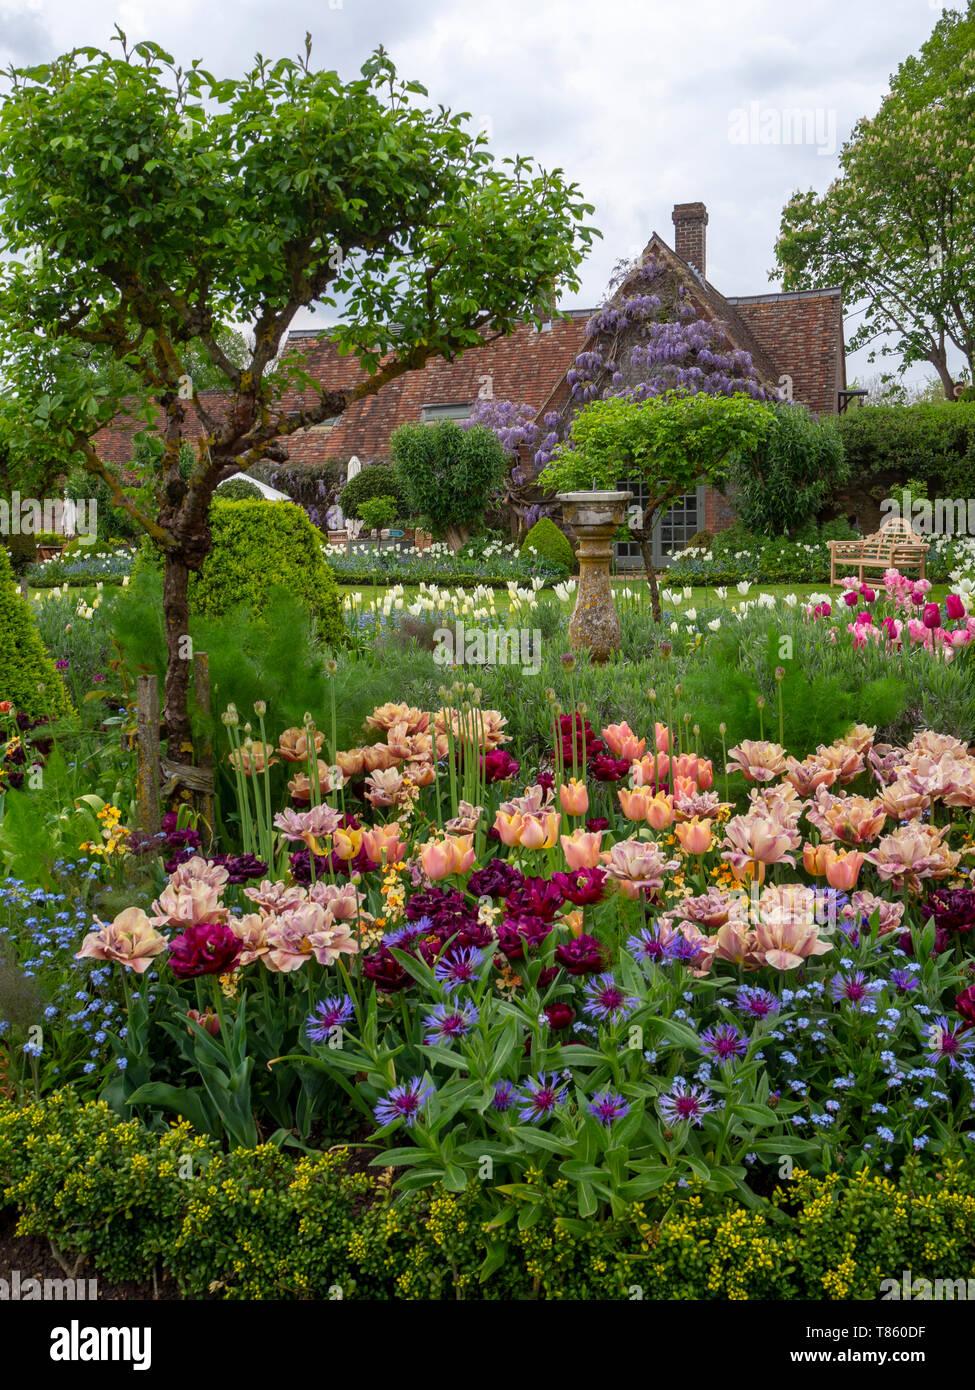 Chenies Manor Gardens ai primi di maggio con la Belle Epoque massa tulipani piantati con Antraciet tulipani e fogliame. Visualizzazione verticale con vecchi edifici. Foto Stock